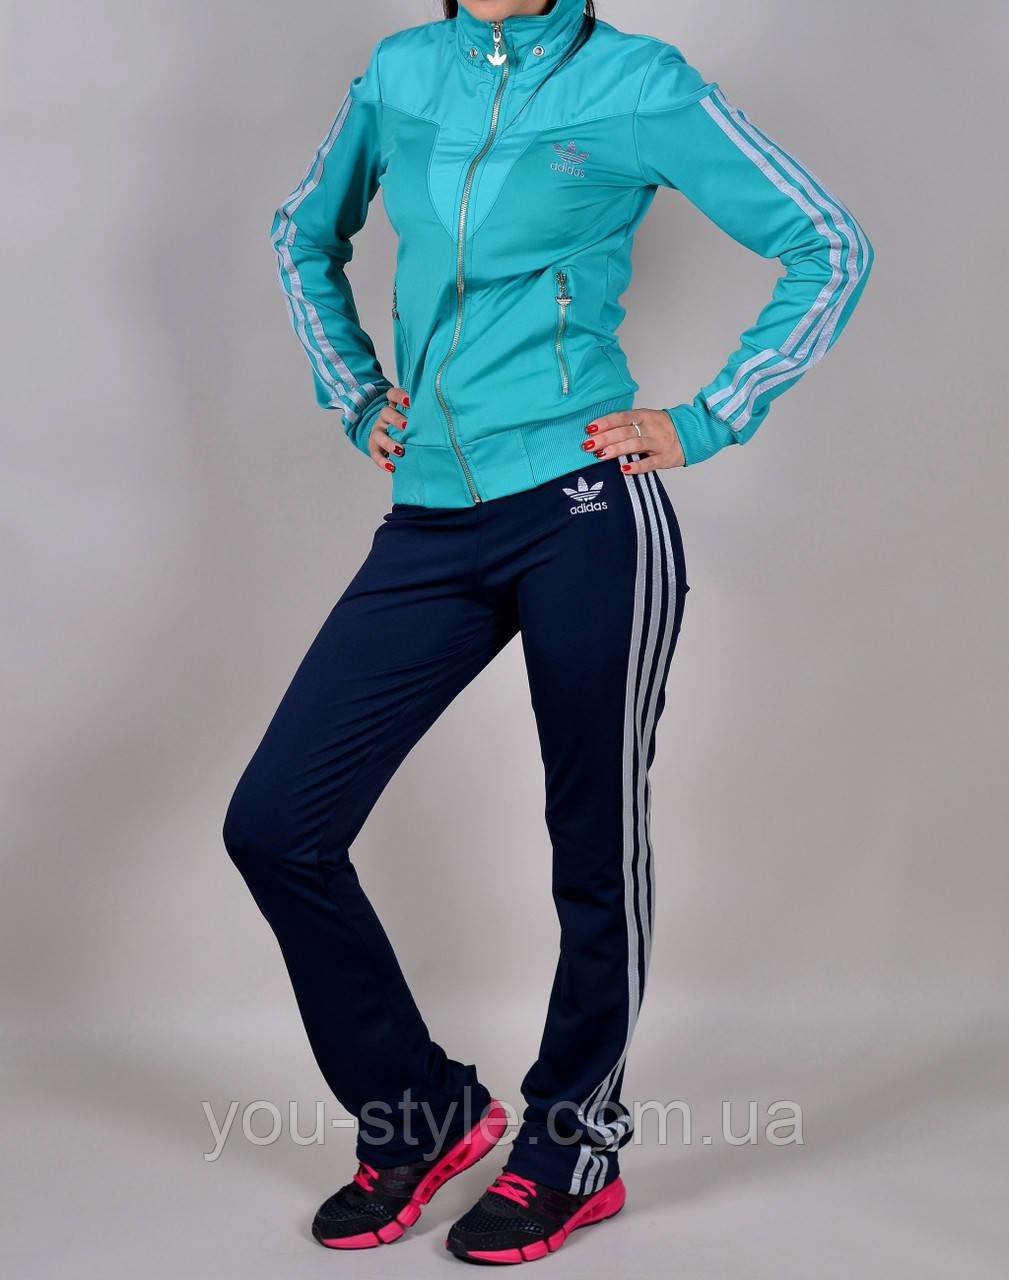 Женский спортивный костюм Adidas 1031 Бирюзовый - Интернет магазин